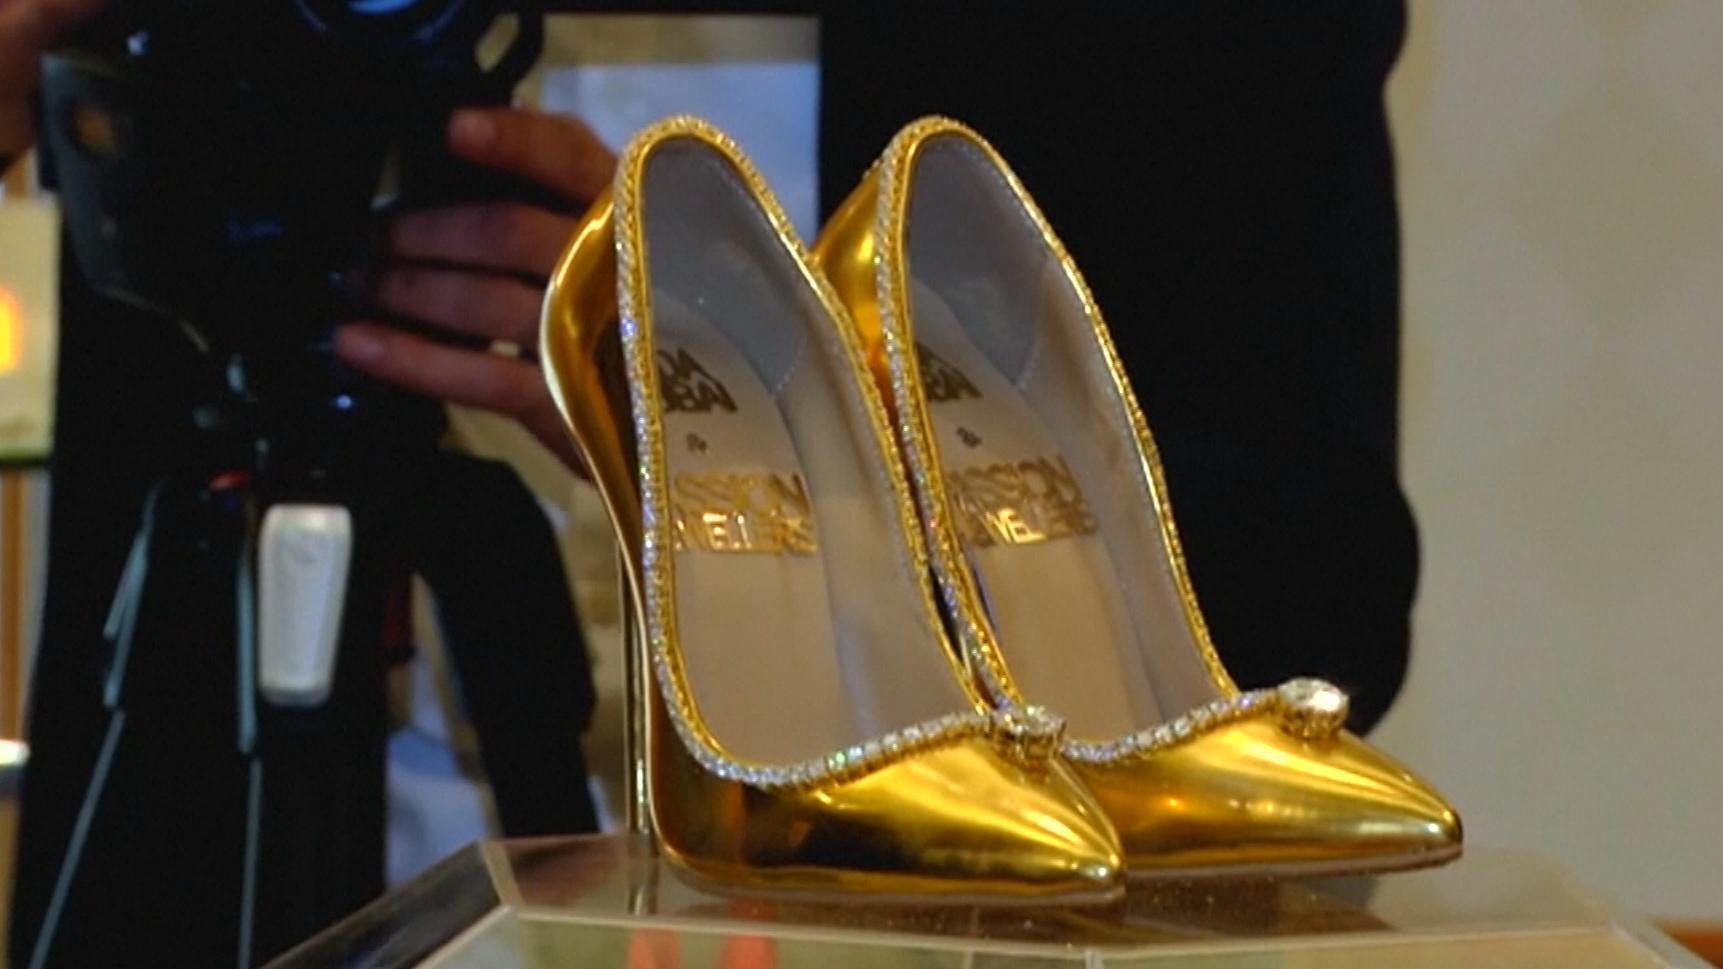 Vergoldete und diamantbesetzte Schuhe